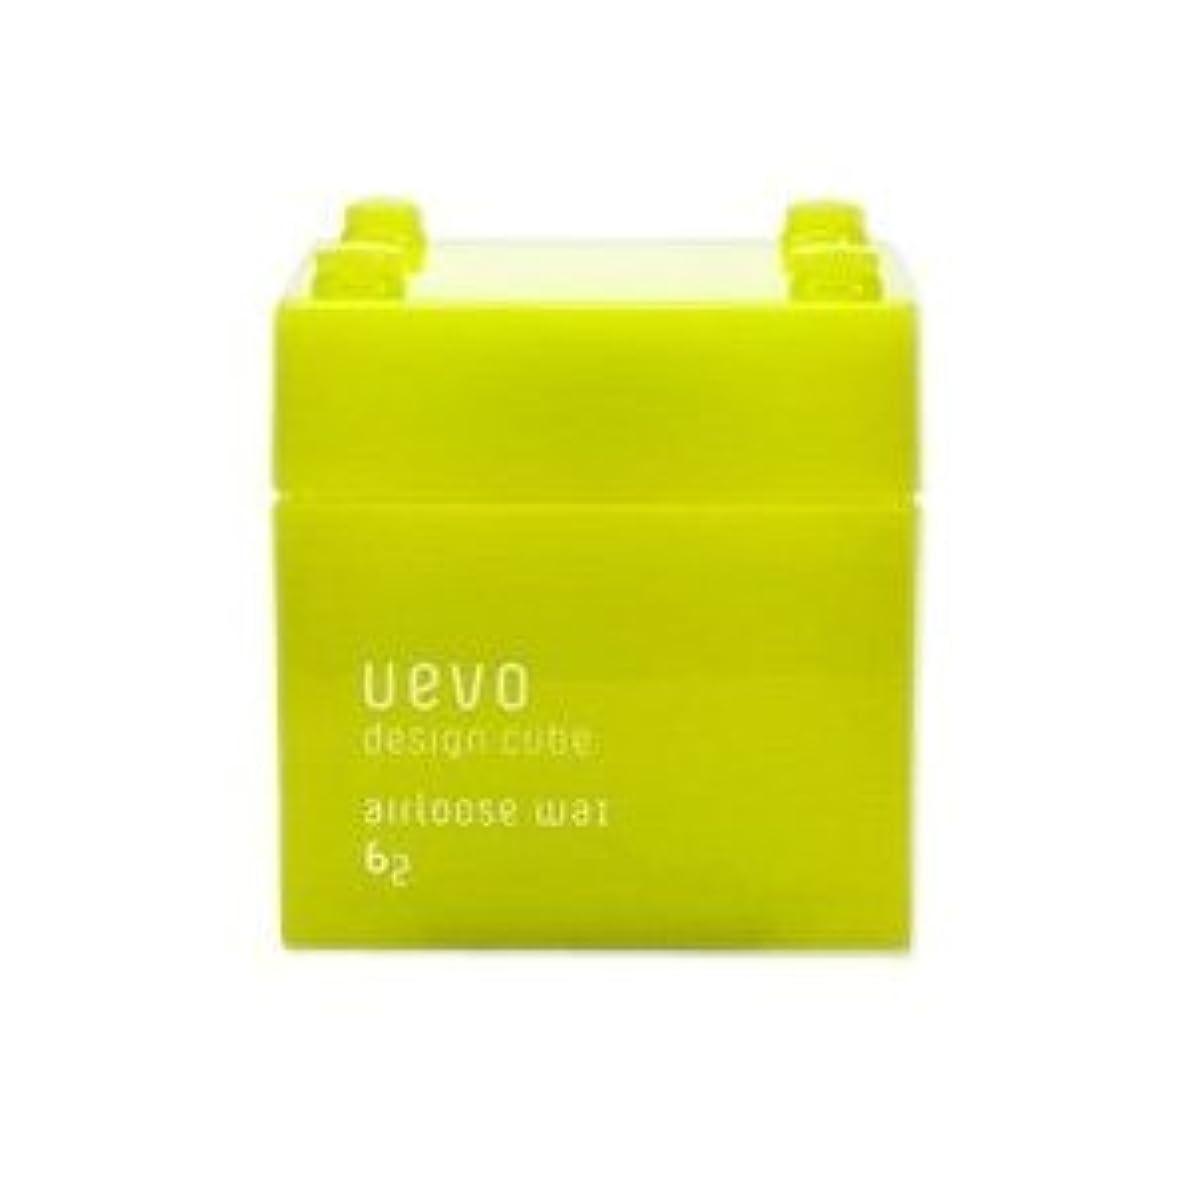 メール欺台風【X2個セット】 デミ ウェーボ デザインキューブ エアルーズワックス 80g airloose wax DEMI uevo design cube